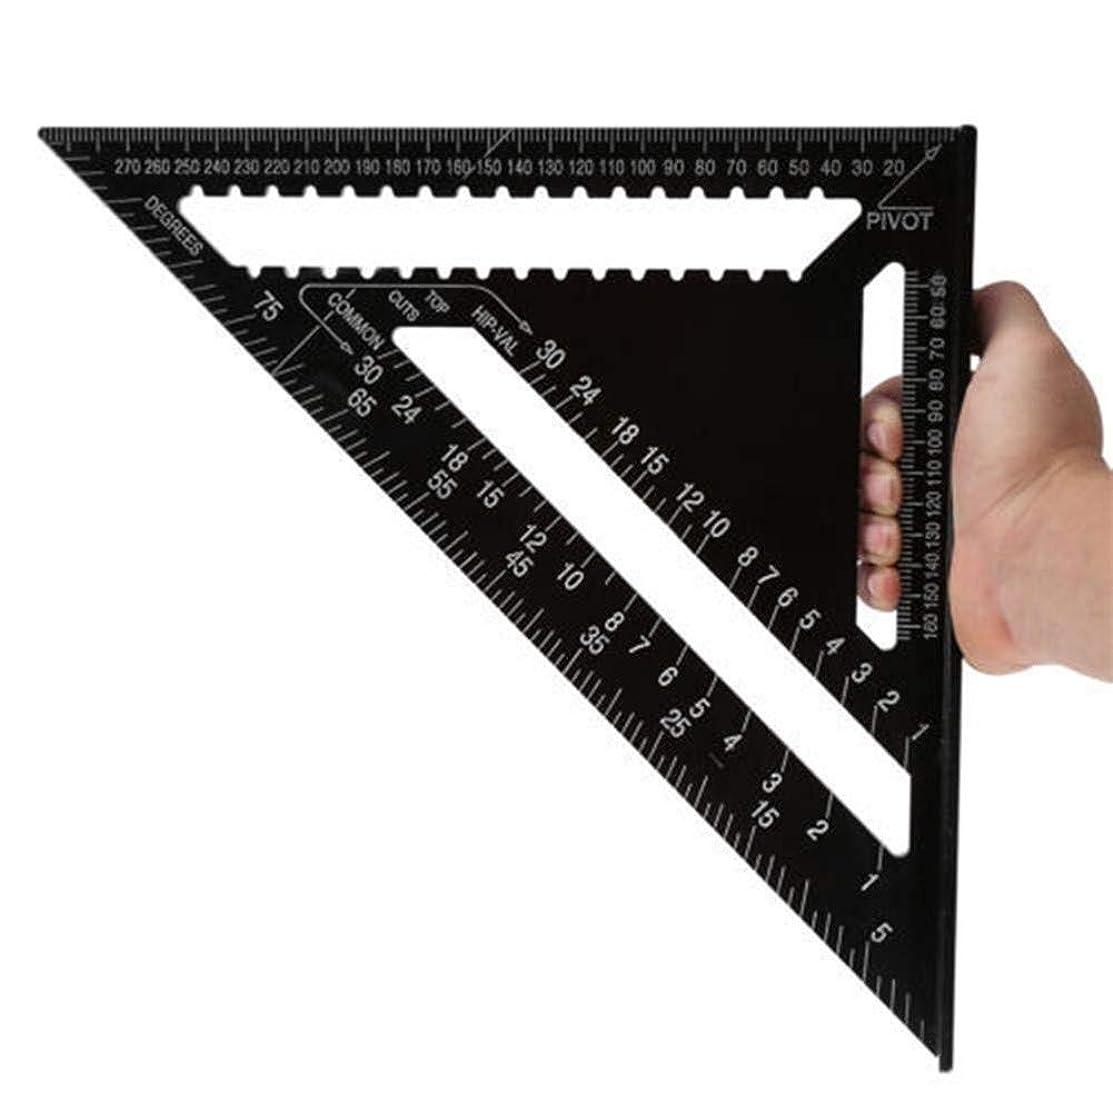 まだら扇動する豚肉分度器角度定規 7/12インチ メートル法アルミニウム合金 三角測定定規 木工スピード正方形 三角角分度器 角度定規 ブラック 0123